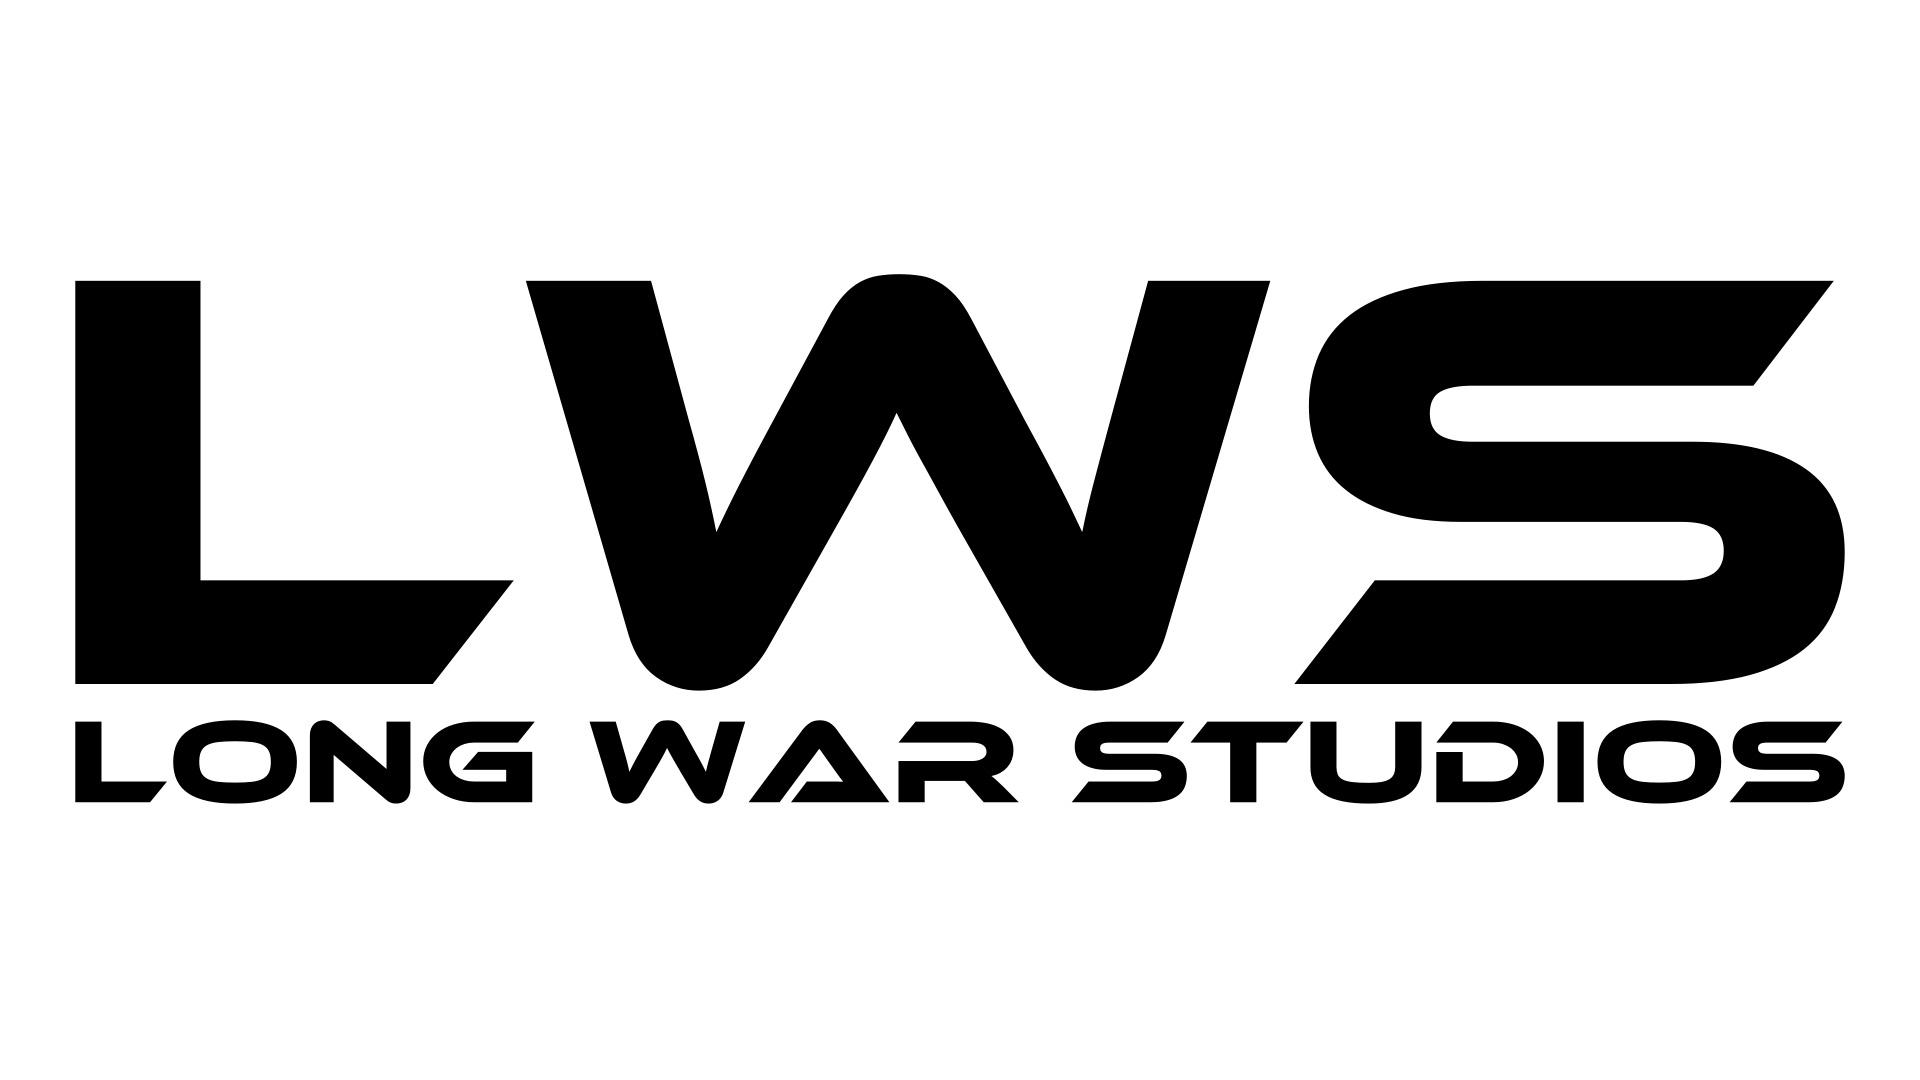 EN - Long War Studios Preparing XCOM 2 Content for Launc